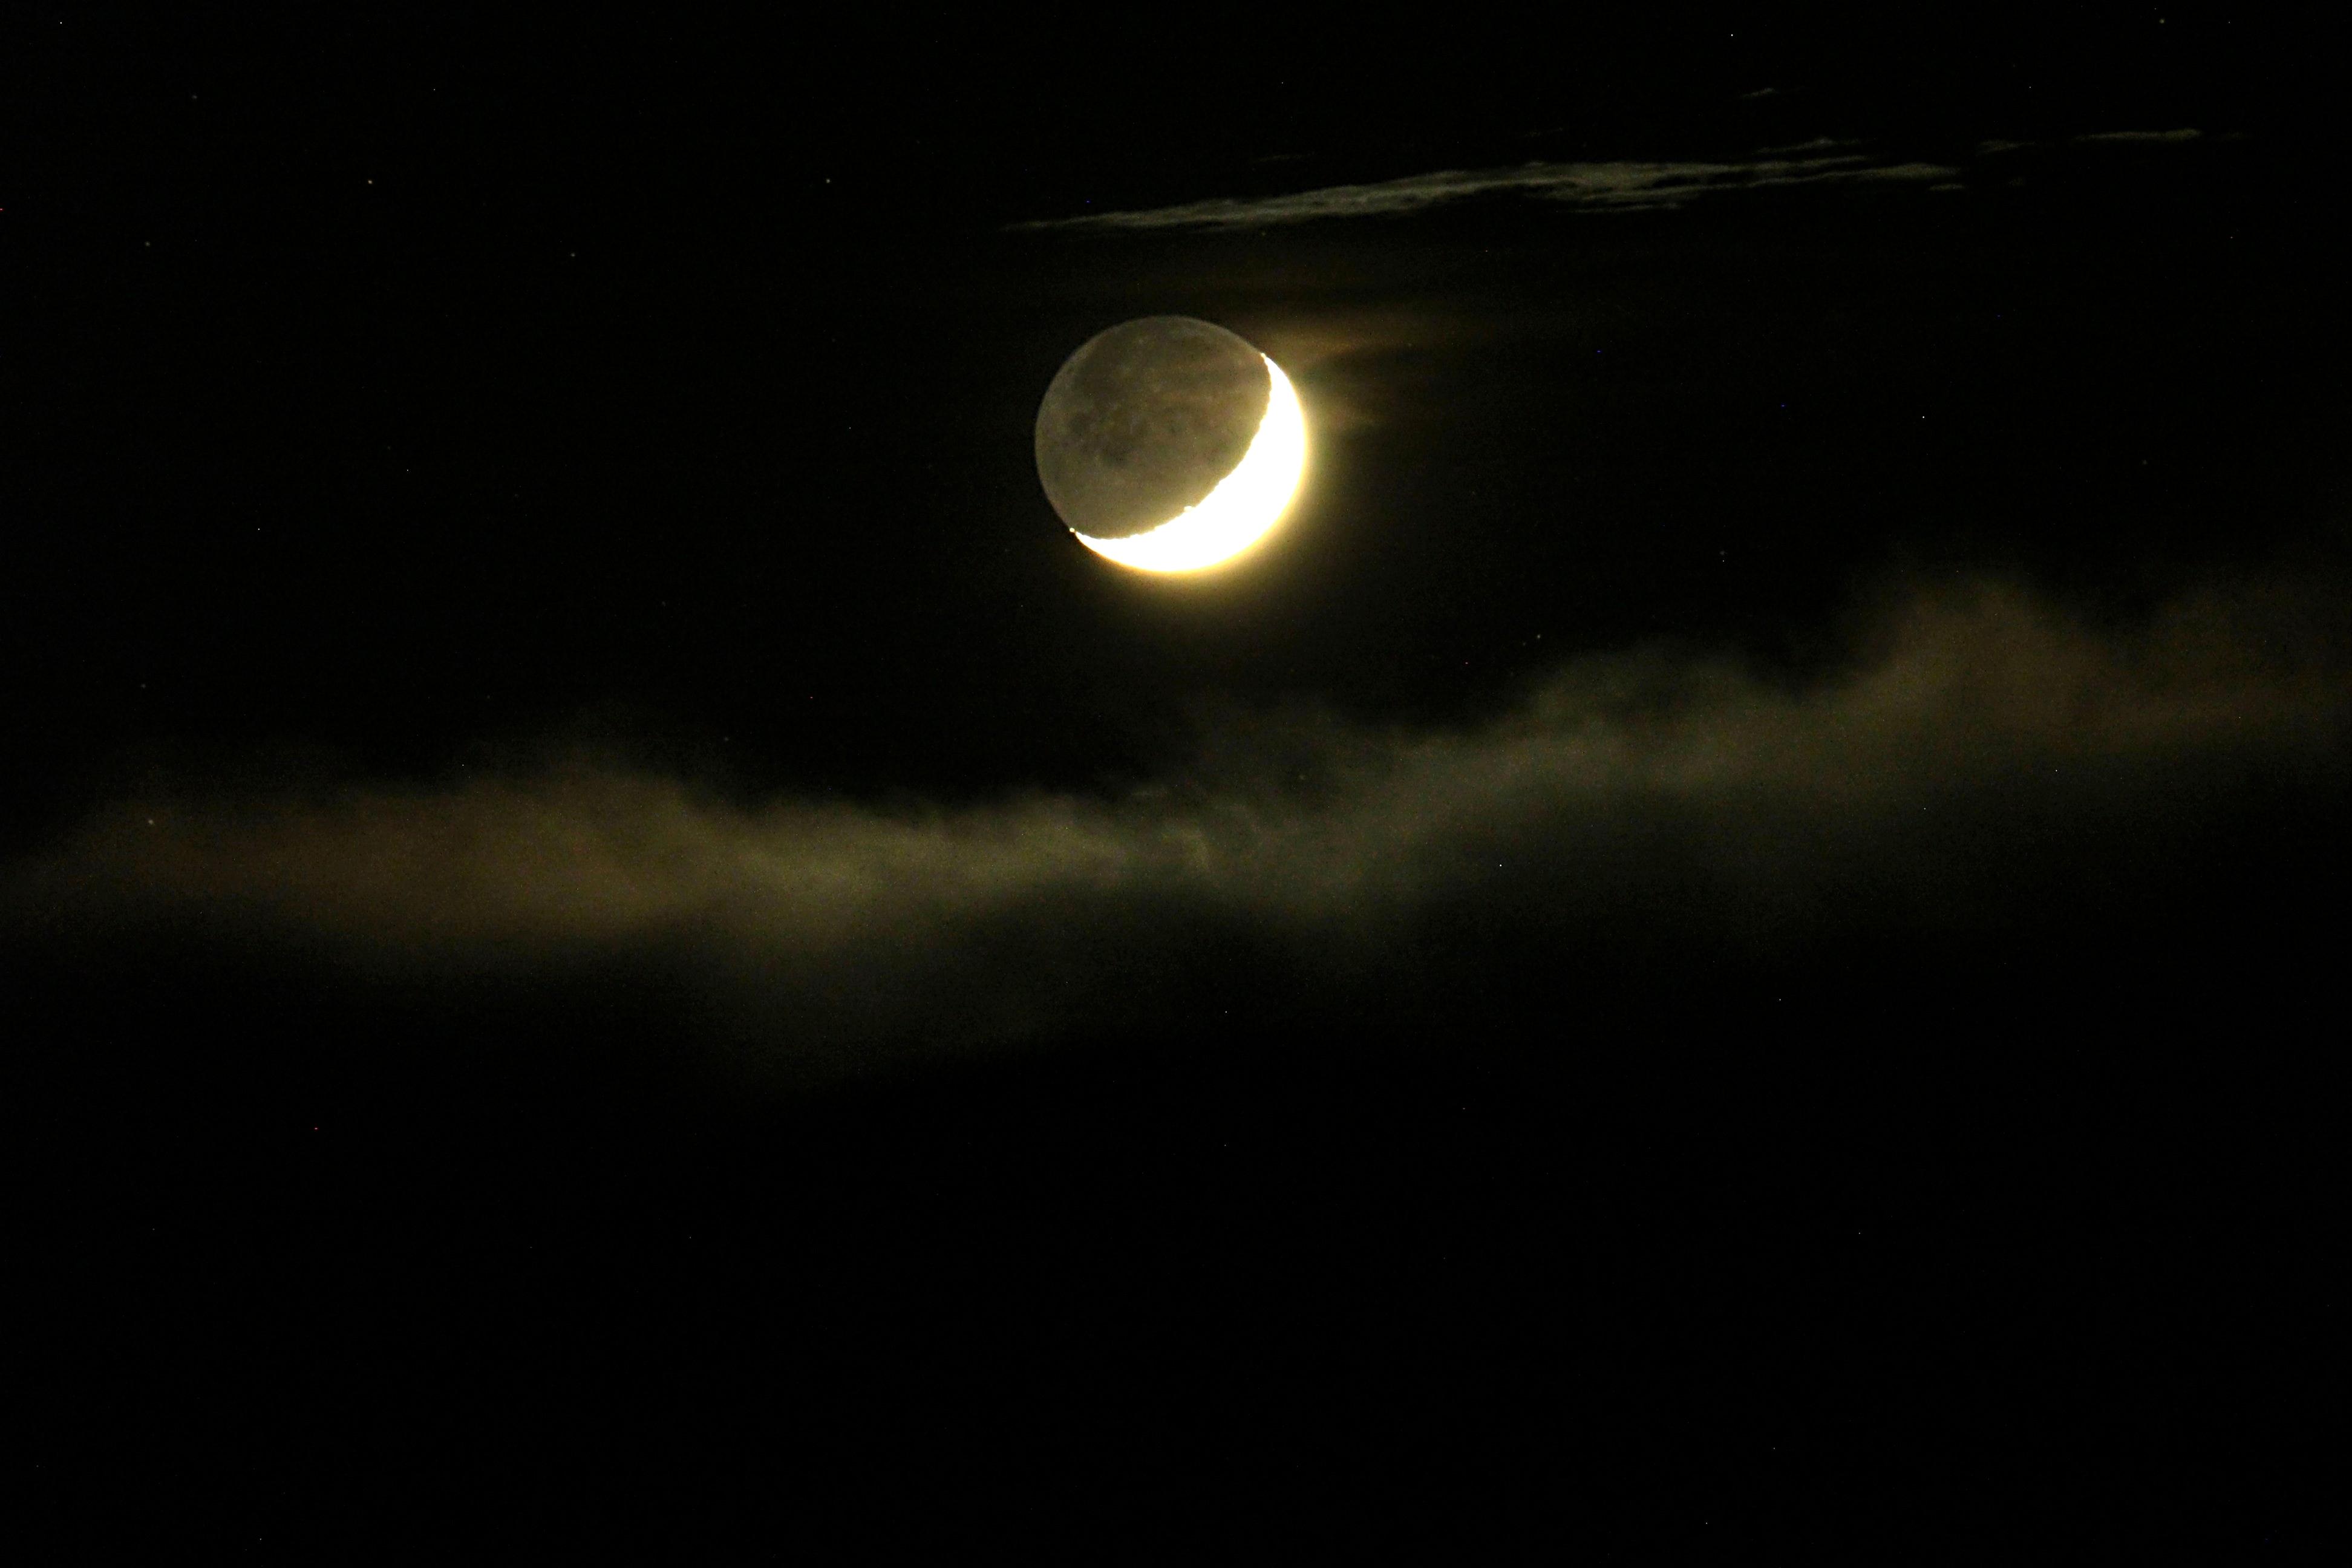 60 - Lumiére cendrée de la Lune